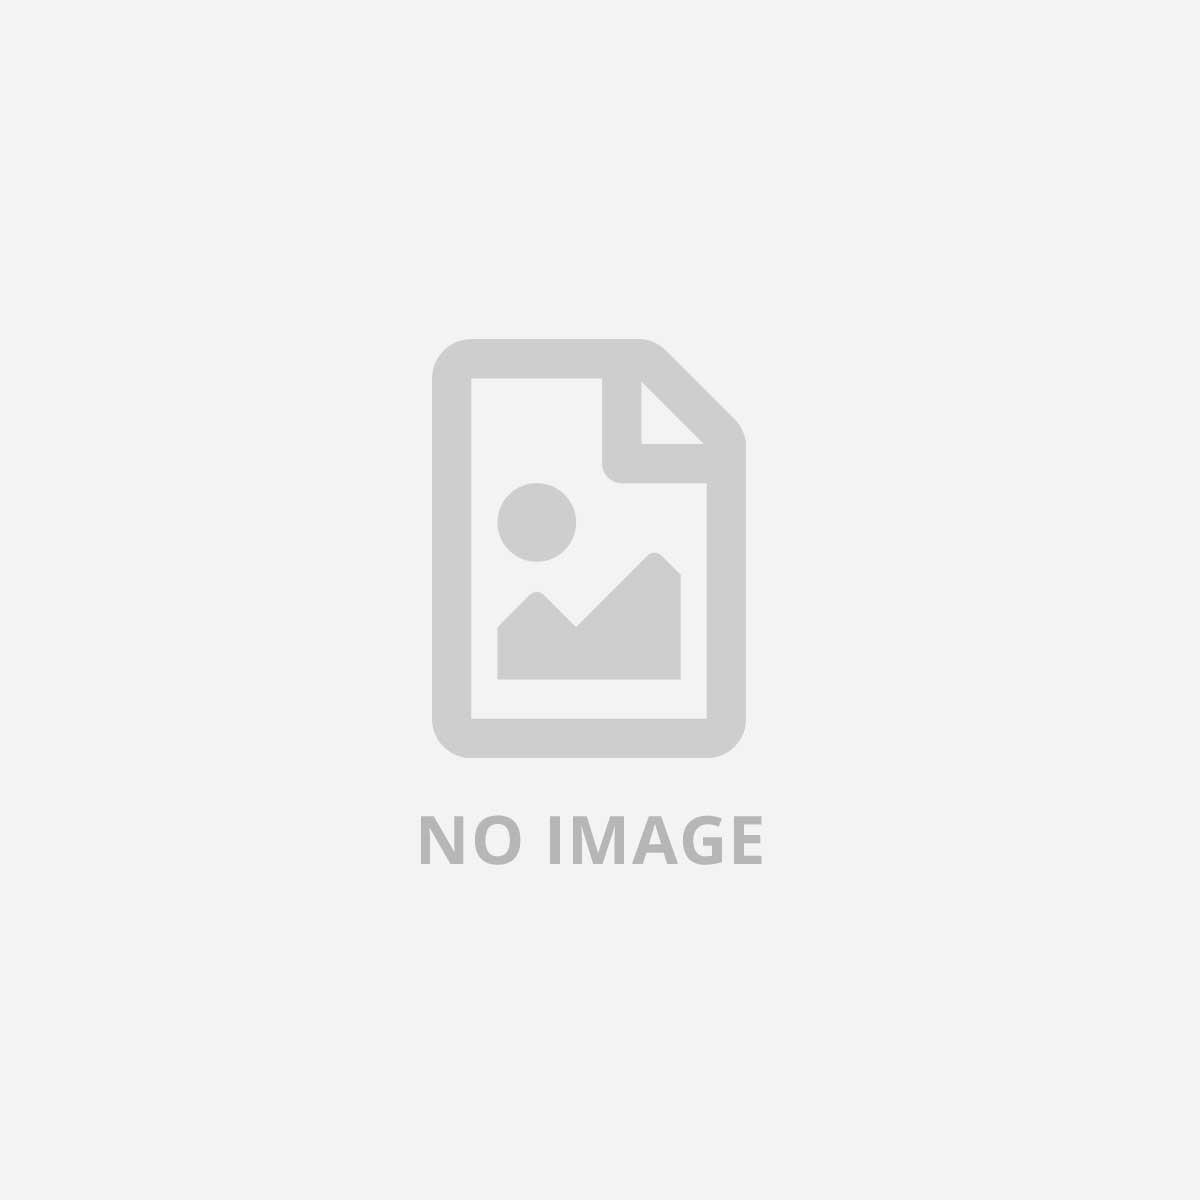 TRANSCEND 16GB  MSATA SSD  SATA3  MLC